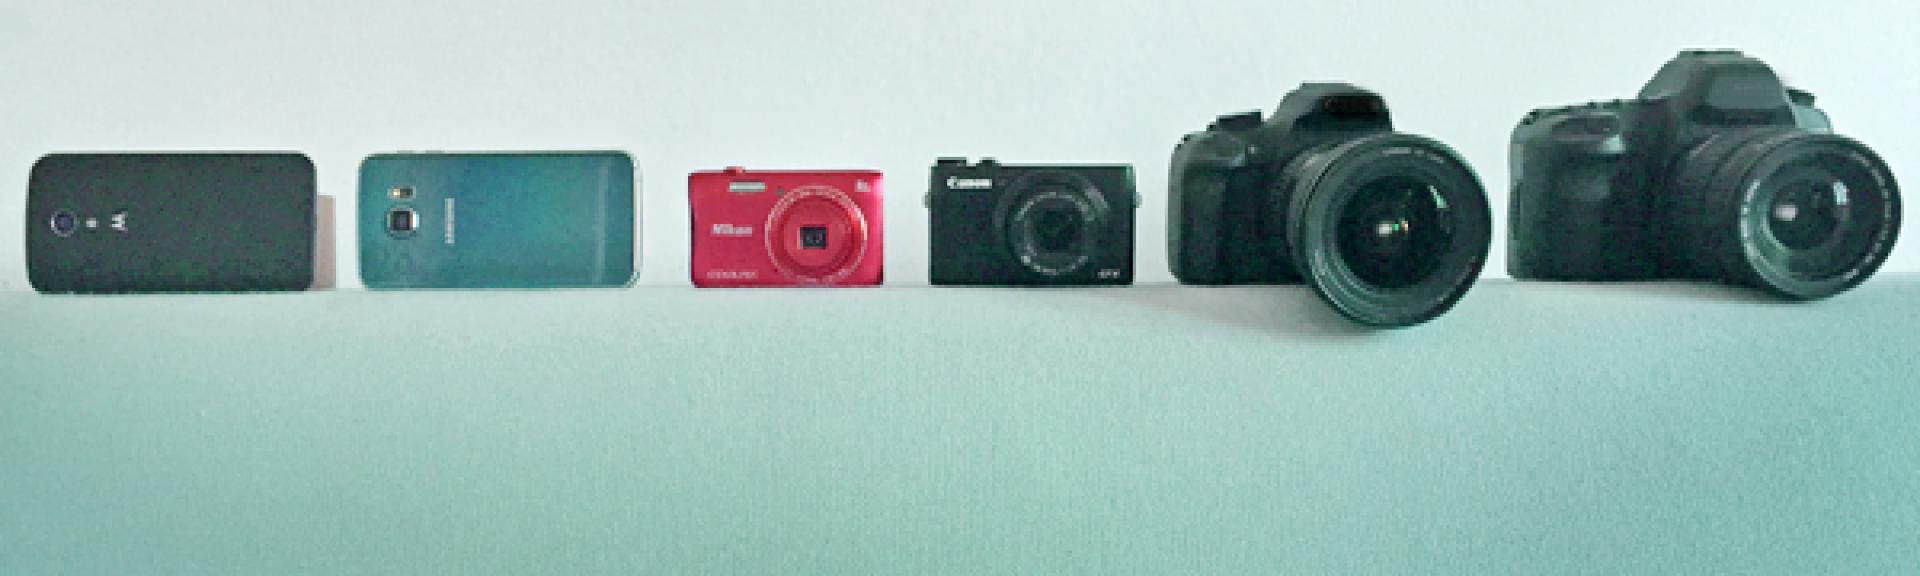 Les six appareils que nous avons comparés.